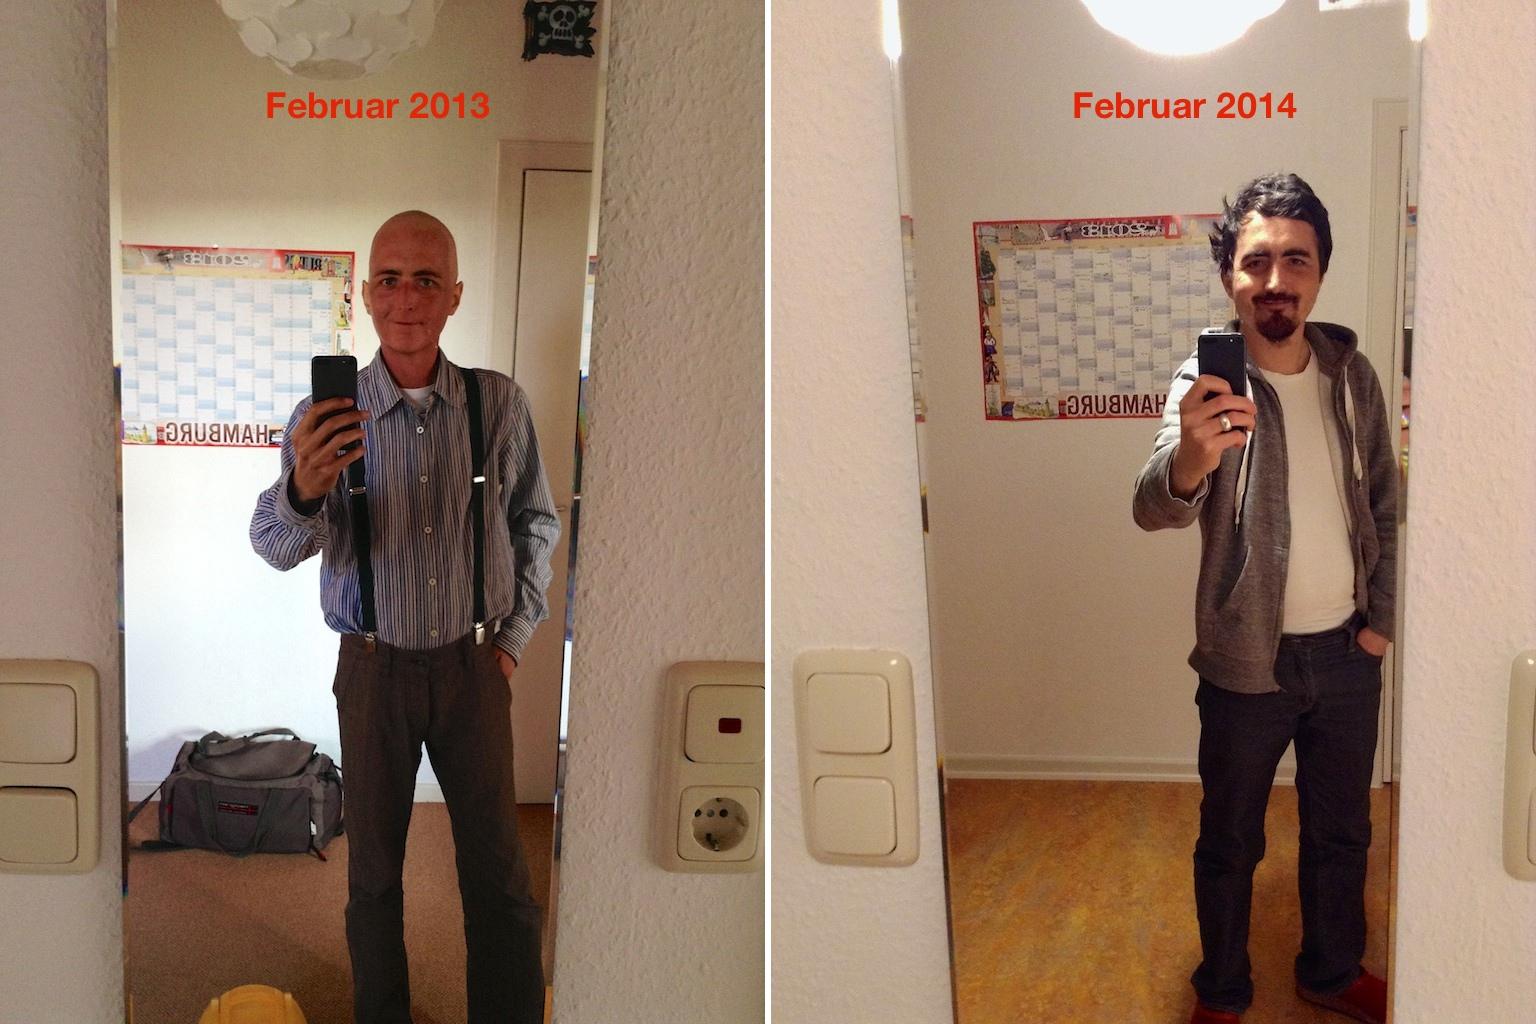 Vergleich im Spiegel